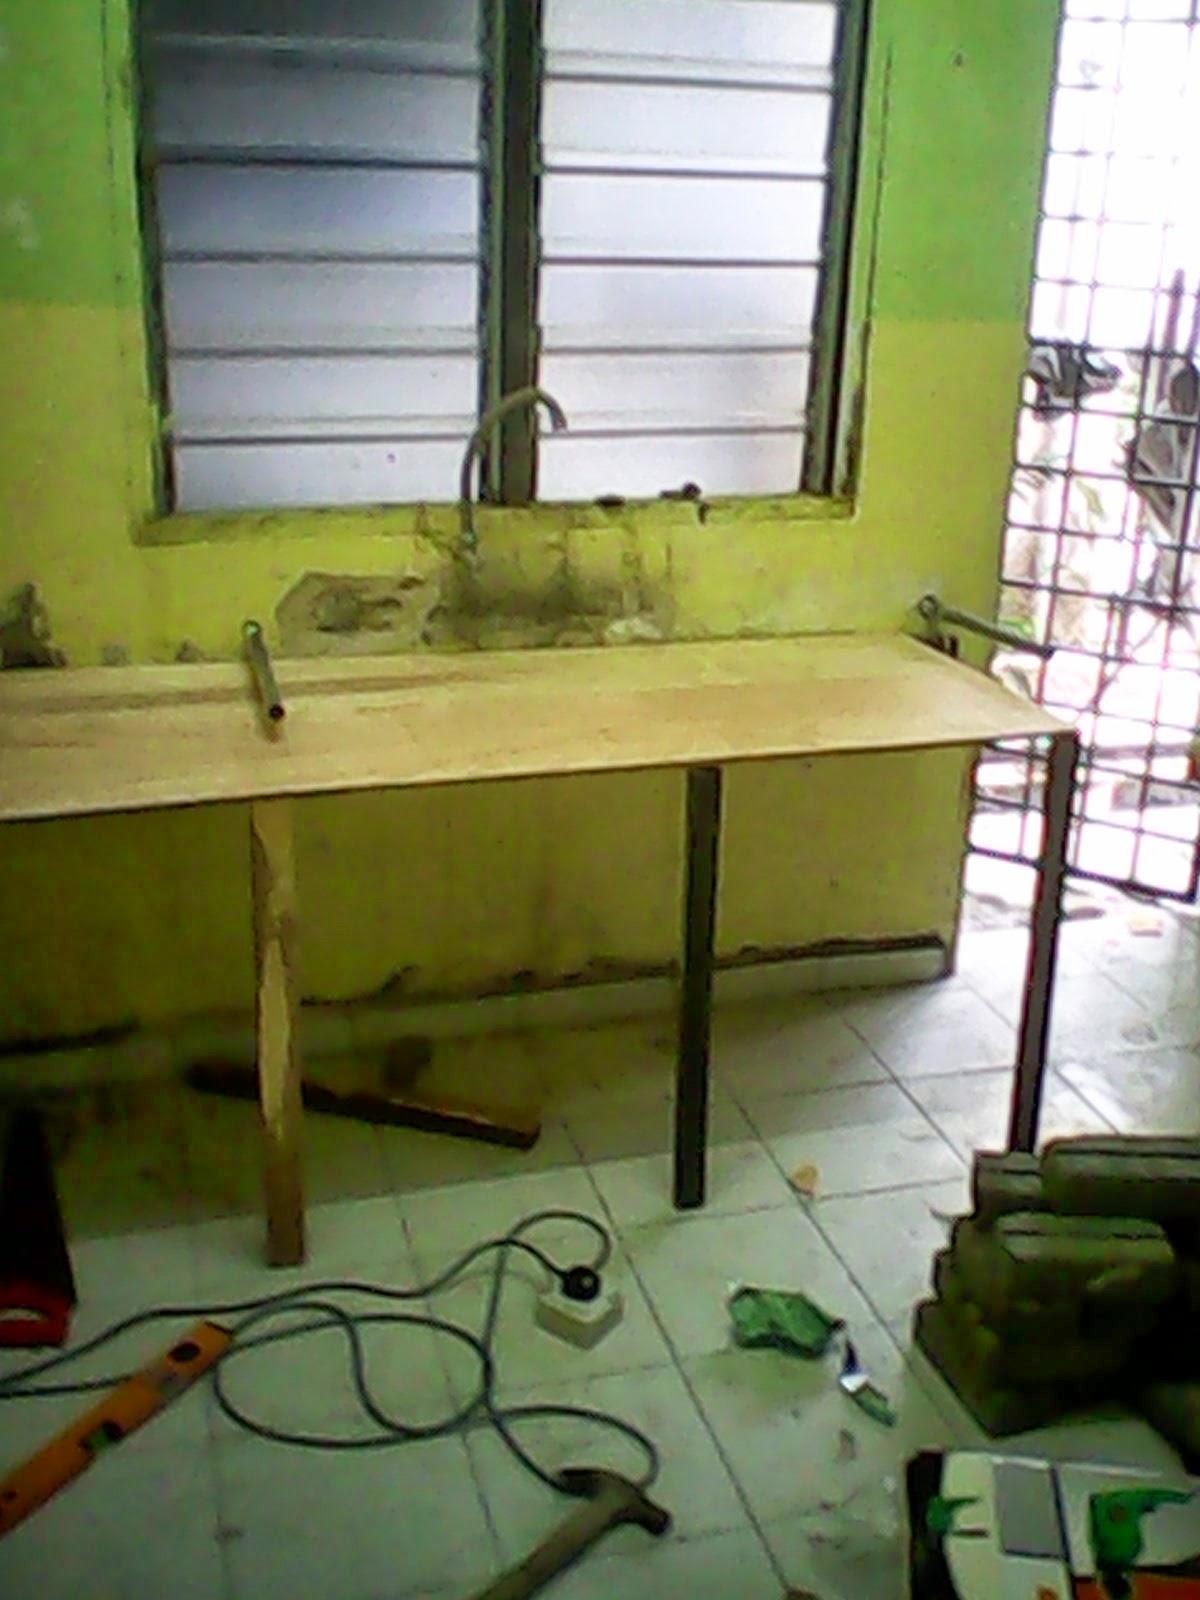 Macam macam ada kabinet dapur buat sendiri kitchen cabinet for Bikin kitchen set sendiri